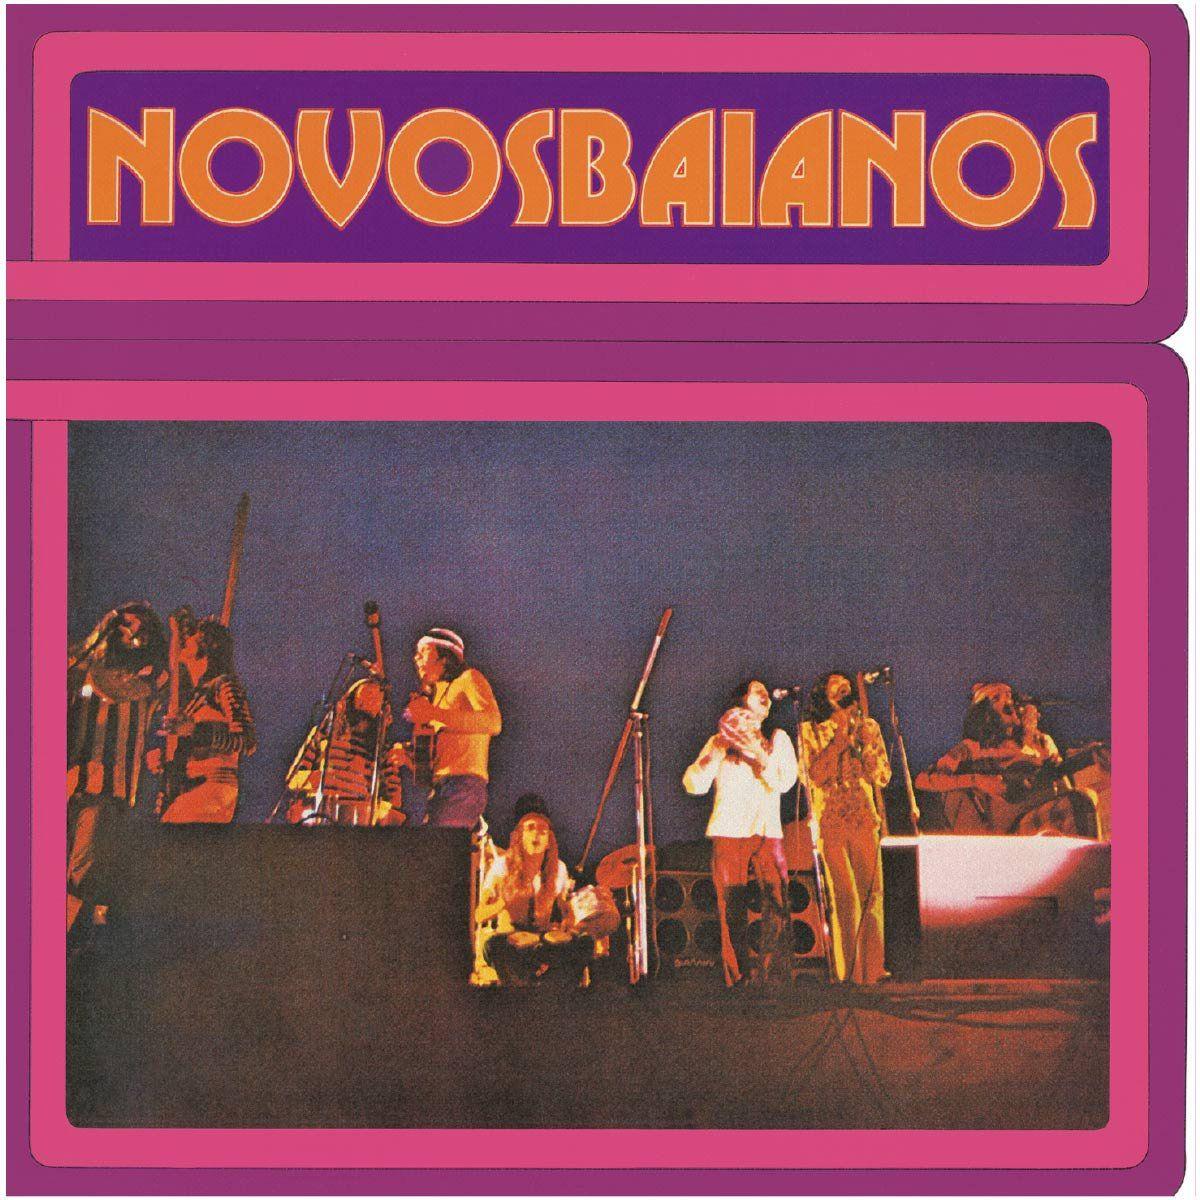 LP Novos Baianos  - bandUP Store Marketplace